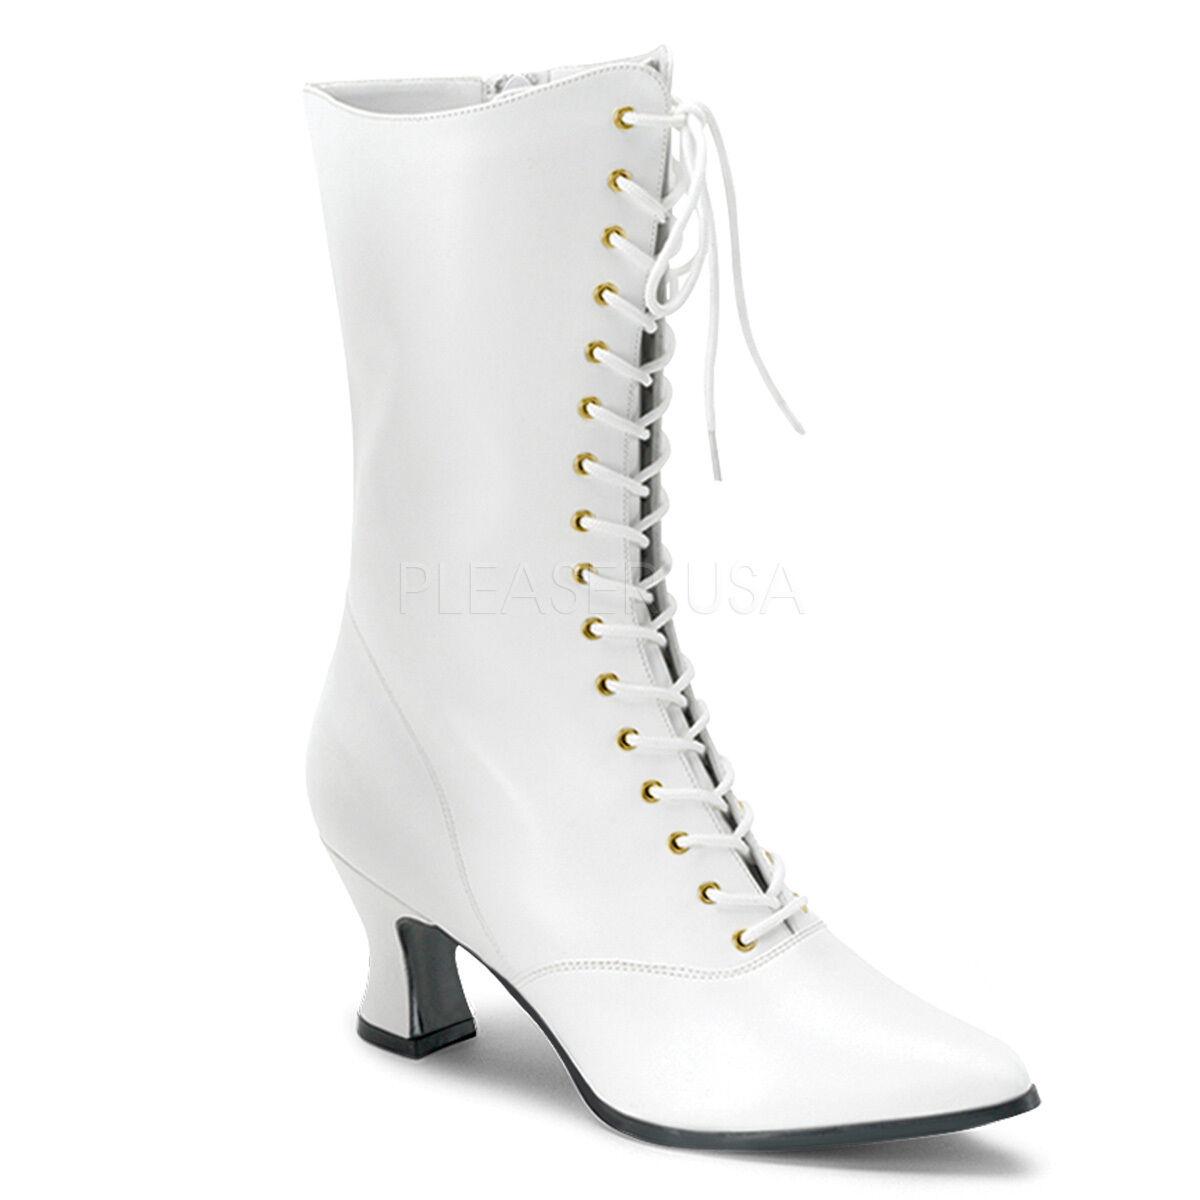 Antigua Boda abuela abuela abuela blancoo Victoriano Disfraz Mitad de Pantorrilla botas VIC120 W PU  oferta de tienda